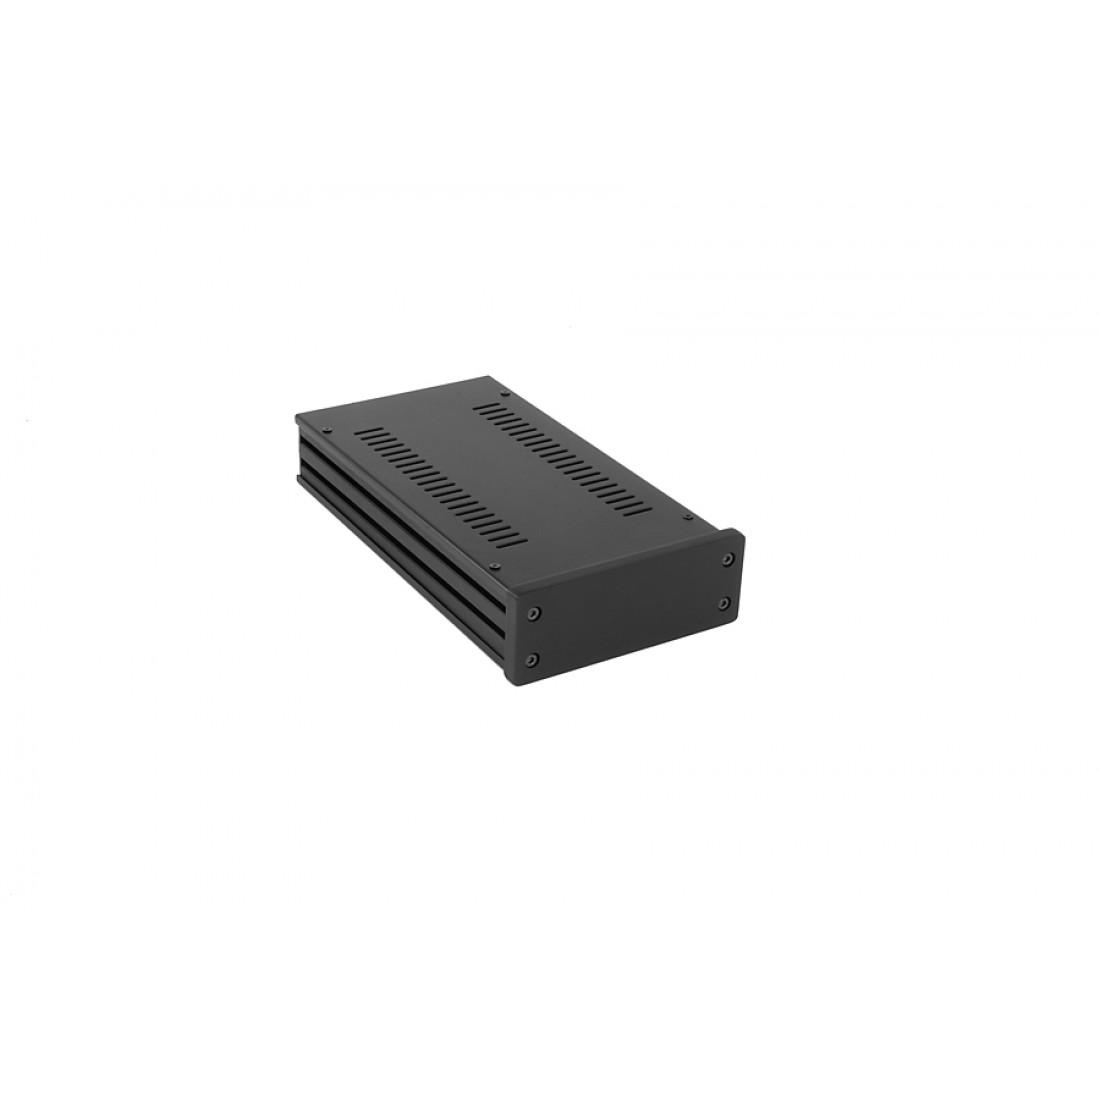 1NGX143N - 1U Galaxy krabice, 124 x 230 x 40mm, 10mm panel černý, Fe víka